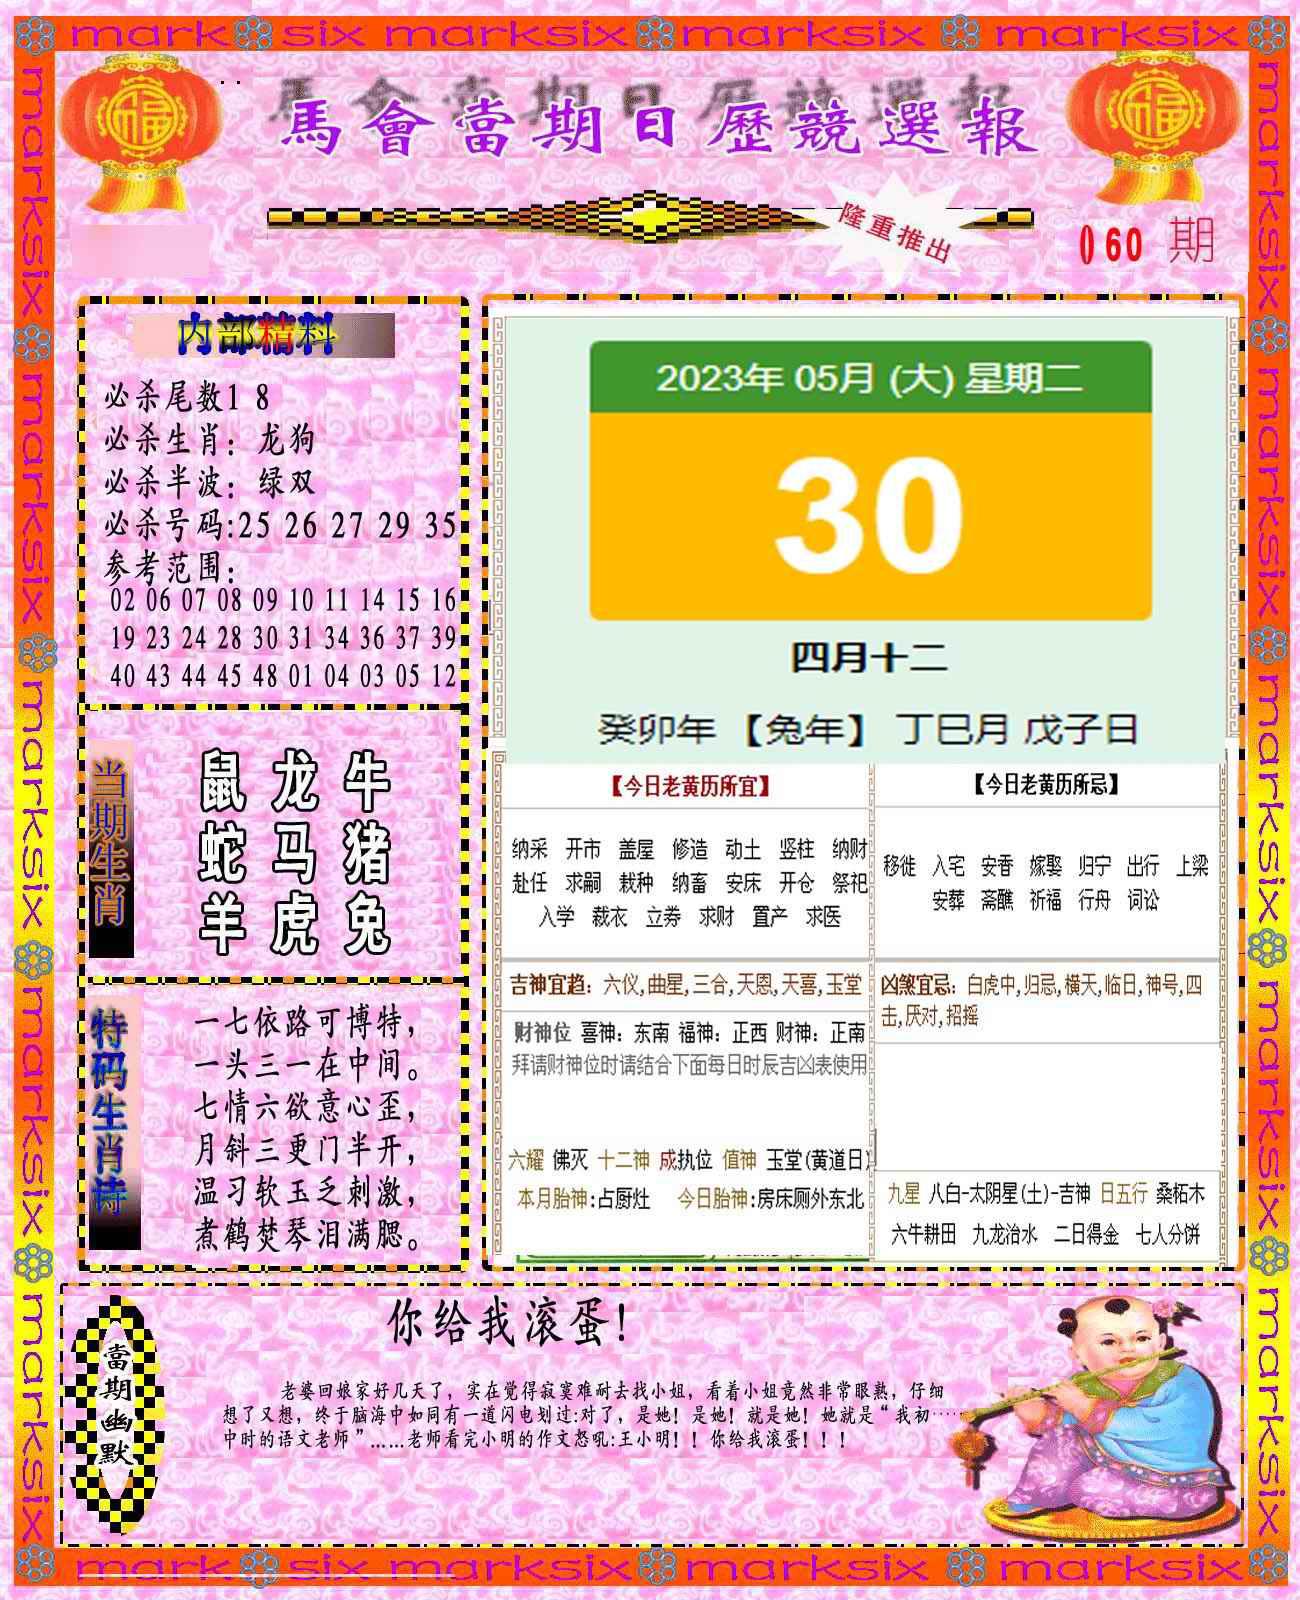 060期日历精选报(彩)